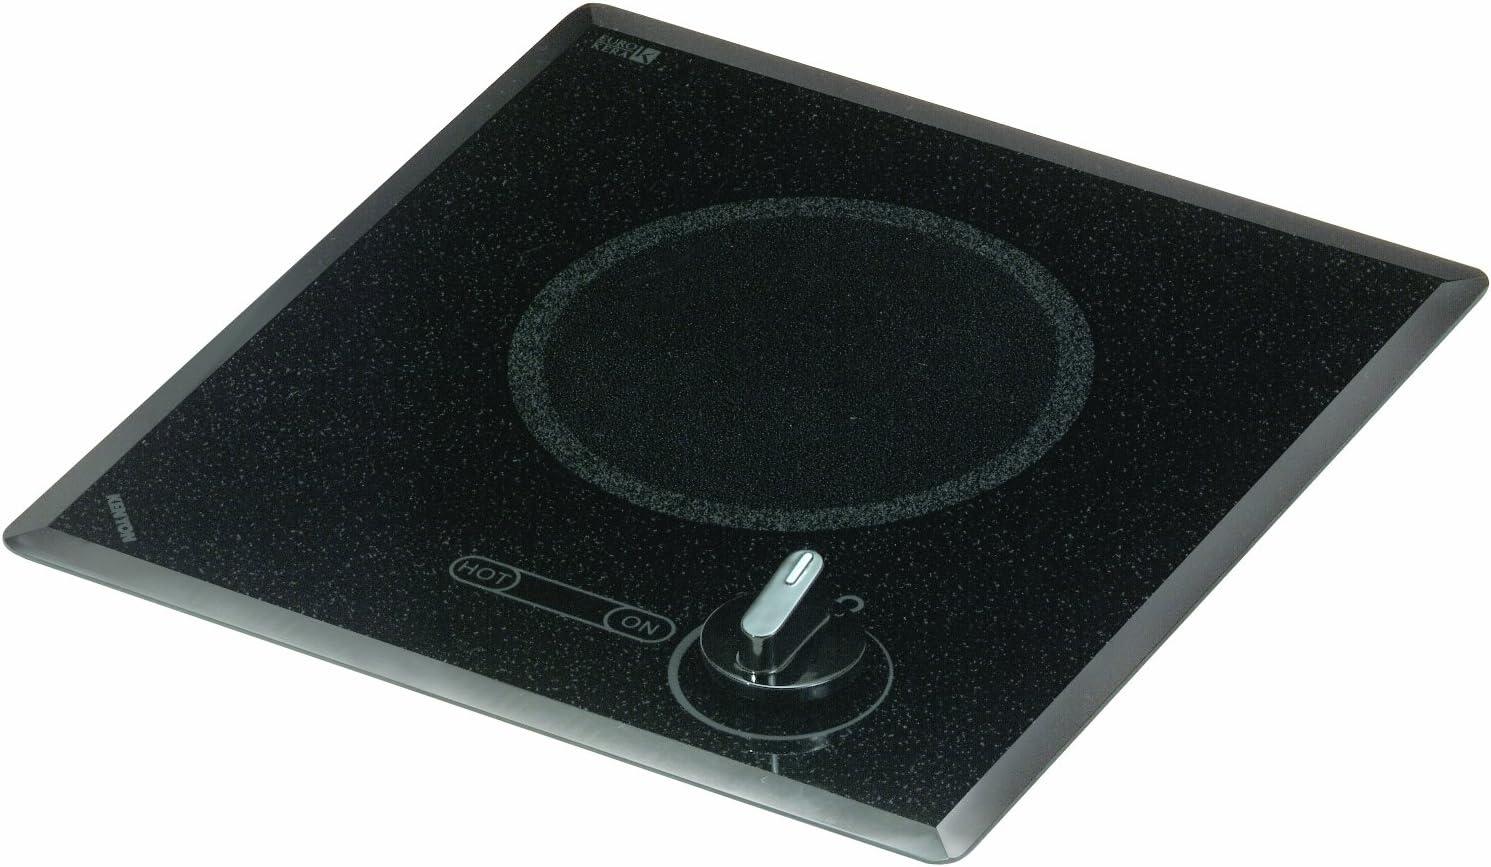 B0011YNIHG Kenyon B41517 6-1/2-Inch Mediterranean Single Burner Cooktop with Analog Control UL, 120-volt, Black 71JY8f9yw8L.SL1500_